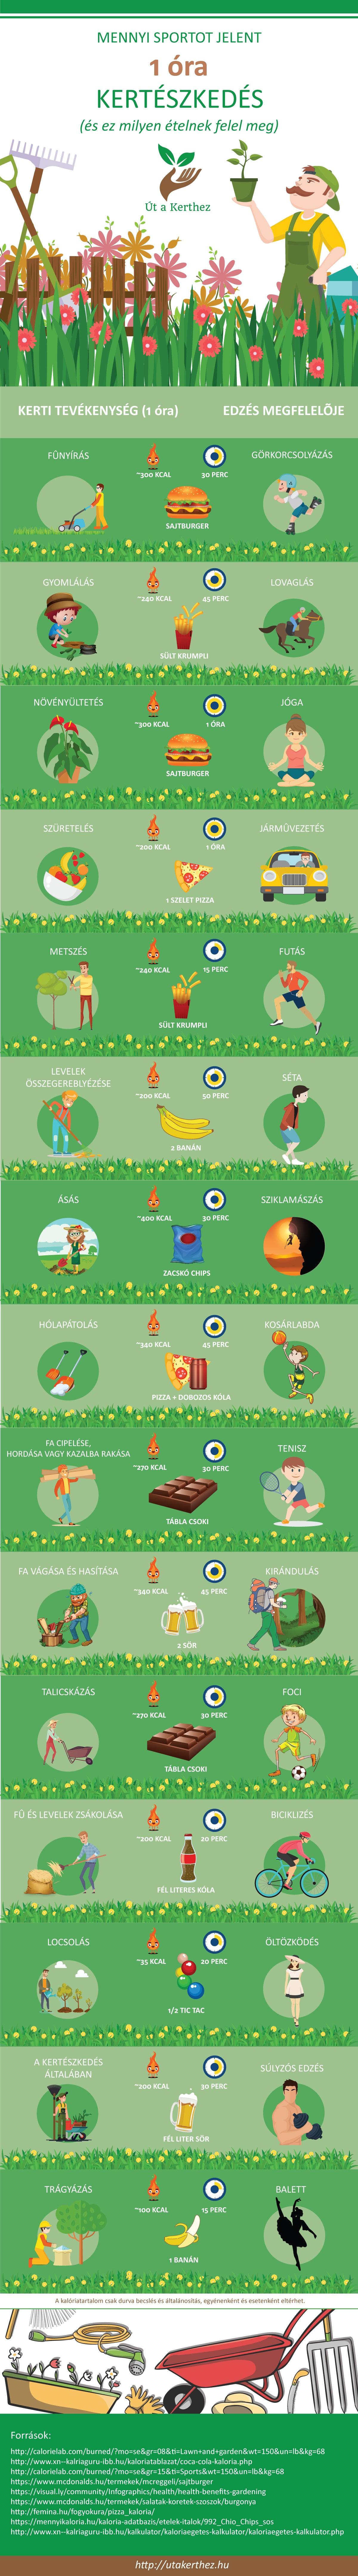 Mennyi sportot jelent a kertészkedés?